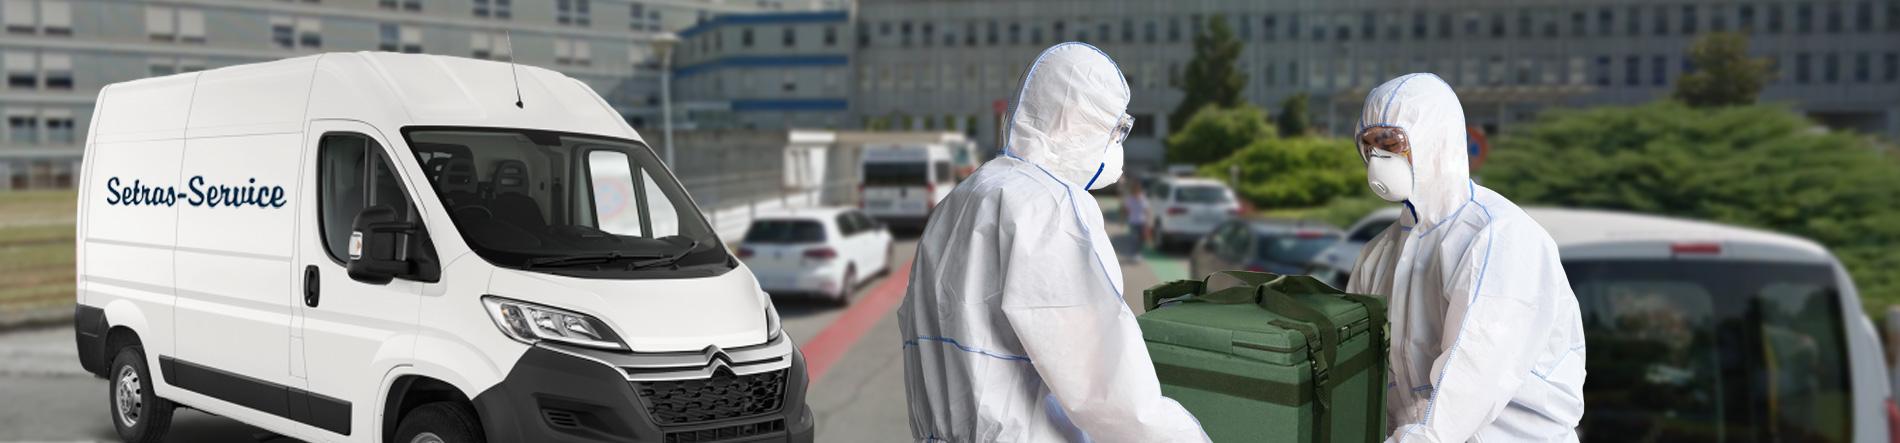 Trasporto dispositivi Medici | Trasporto farmaci Covid